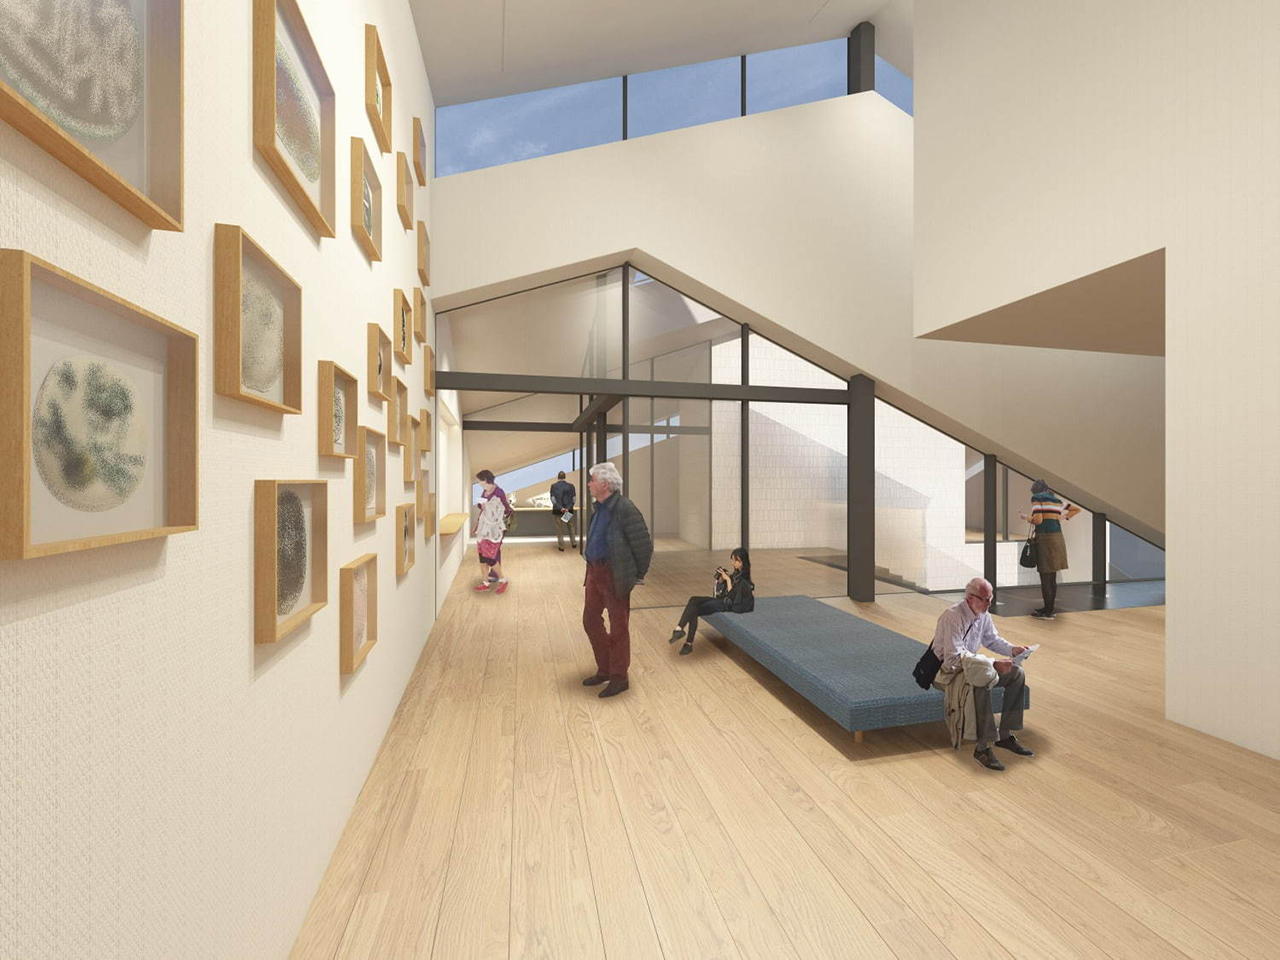 ภาพจำลองภายใน YOKU MOKU MUSEUM